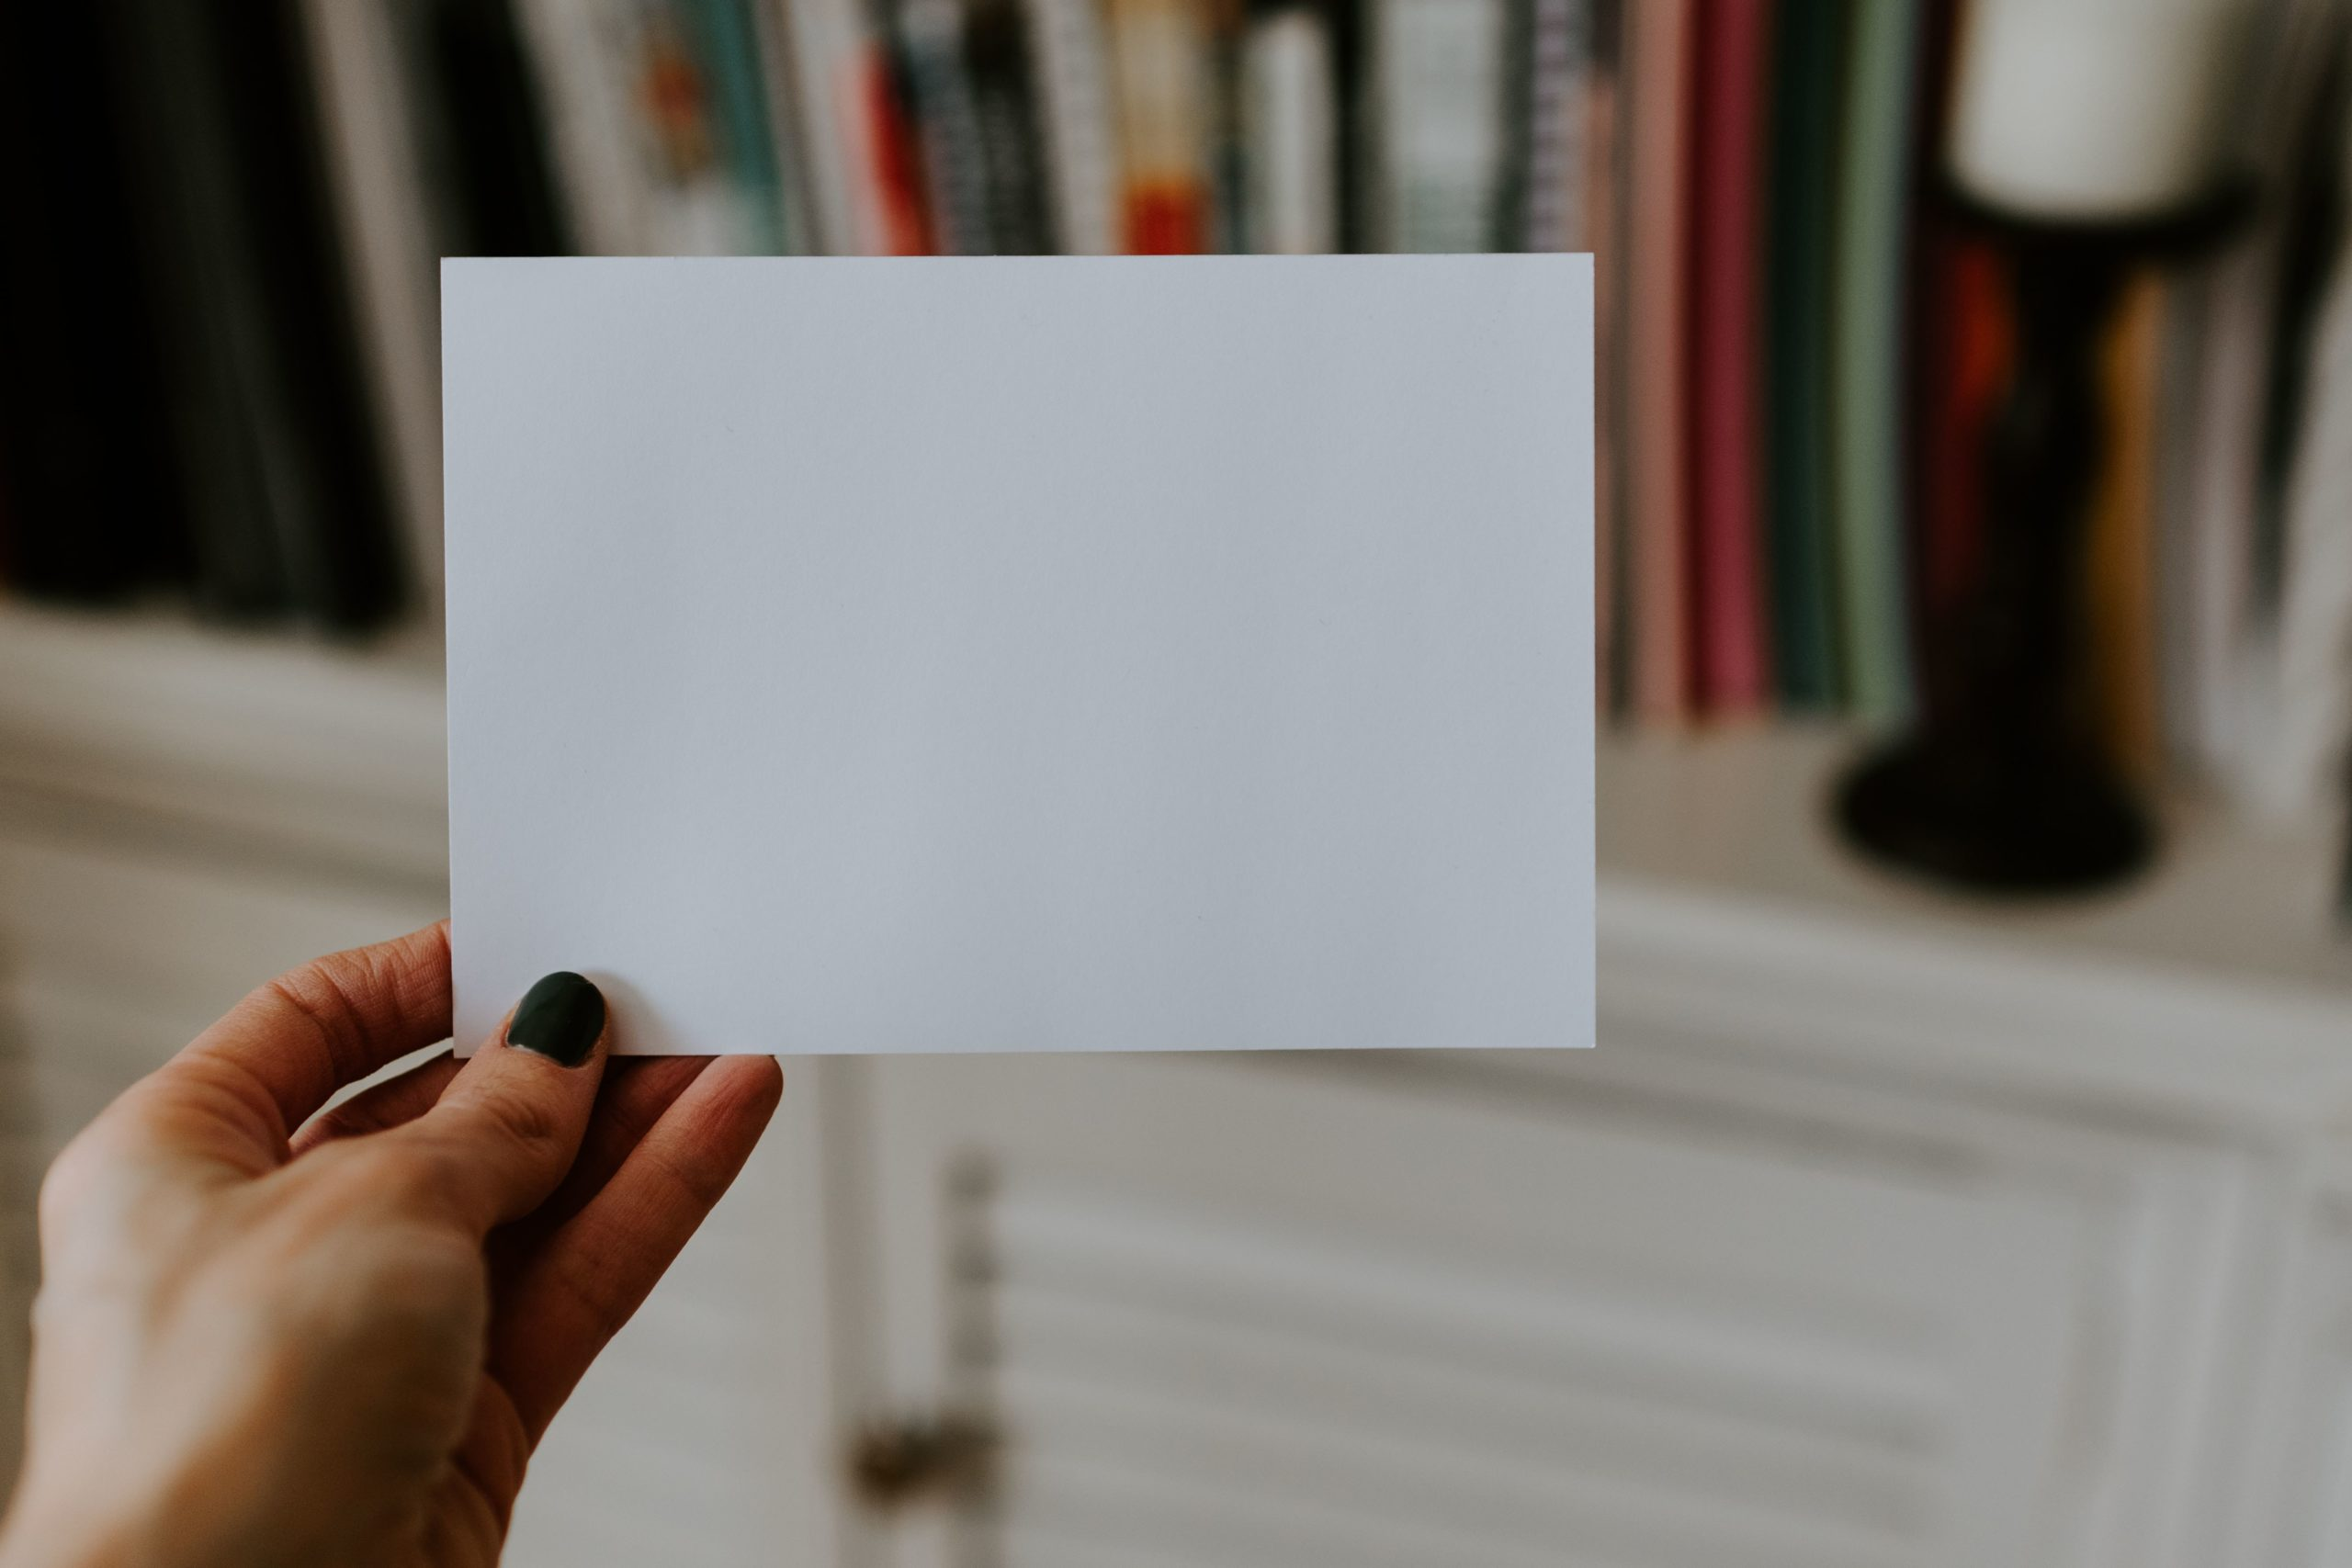 【知育講師が説明】 フラッシュカード の目的と使いかたのポイントとは?